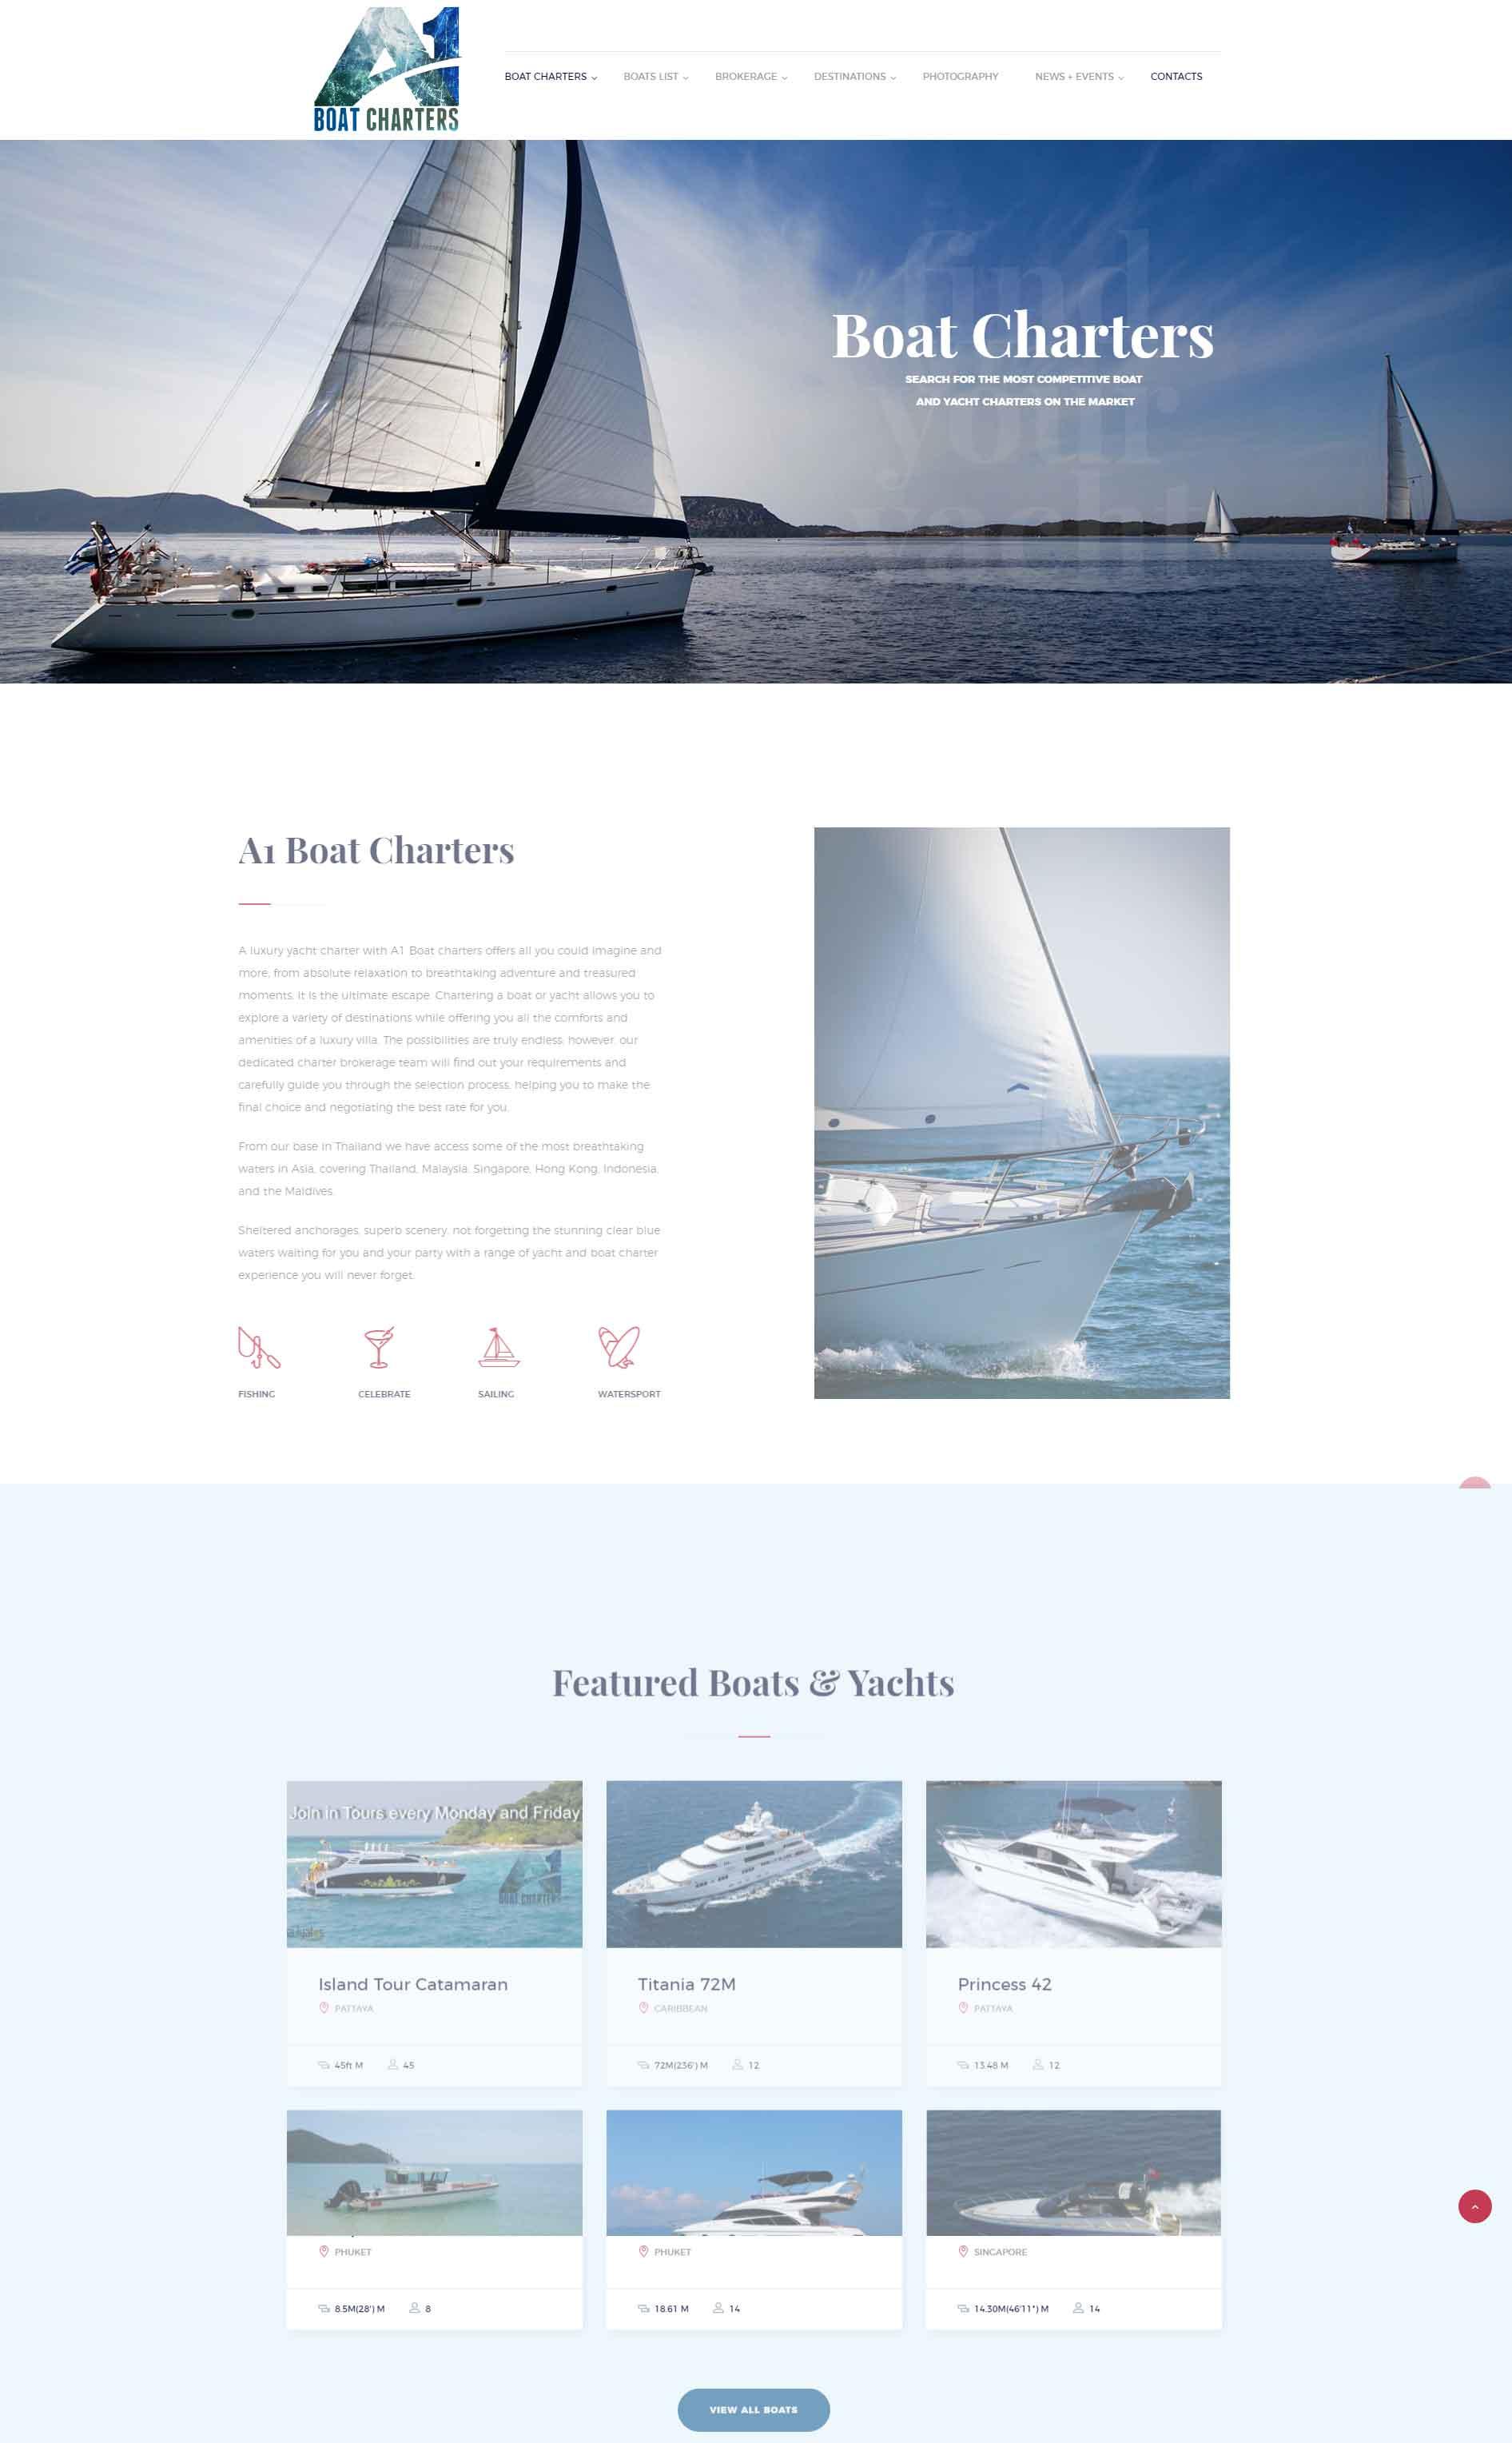 A1 Boat Charter Pattaya